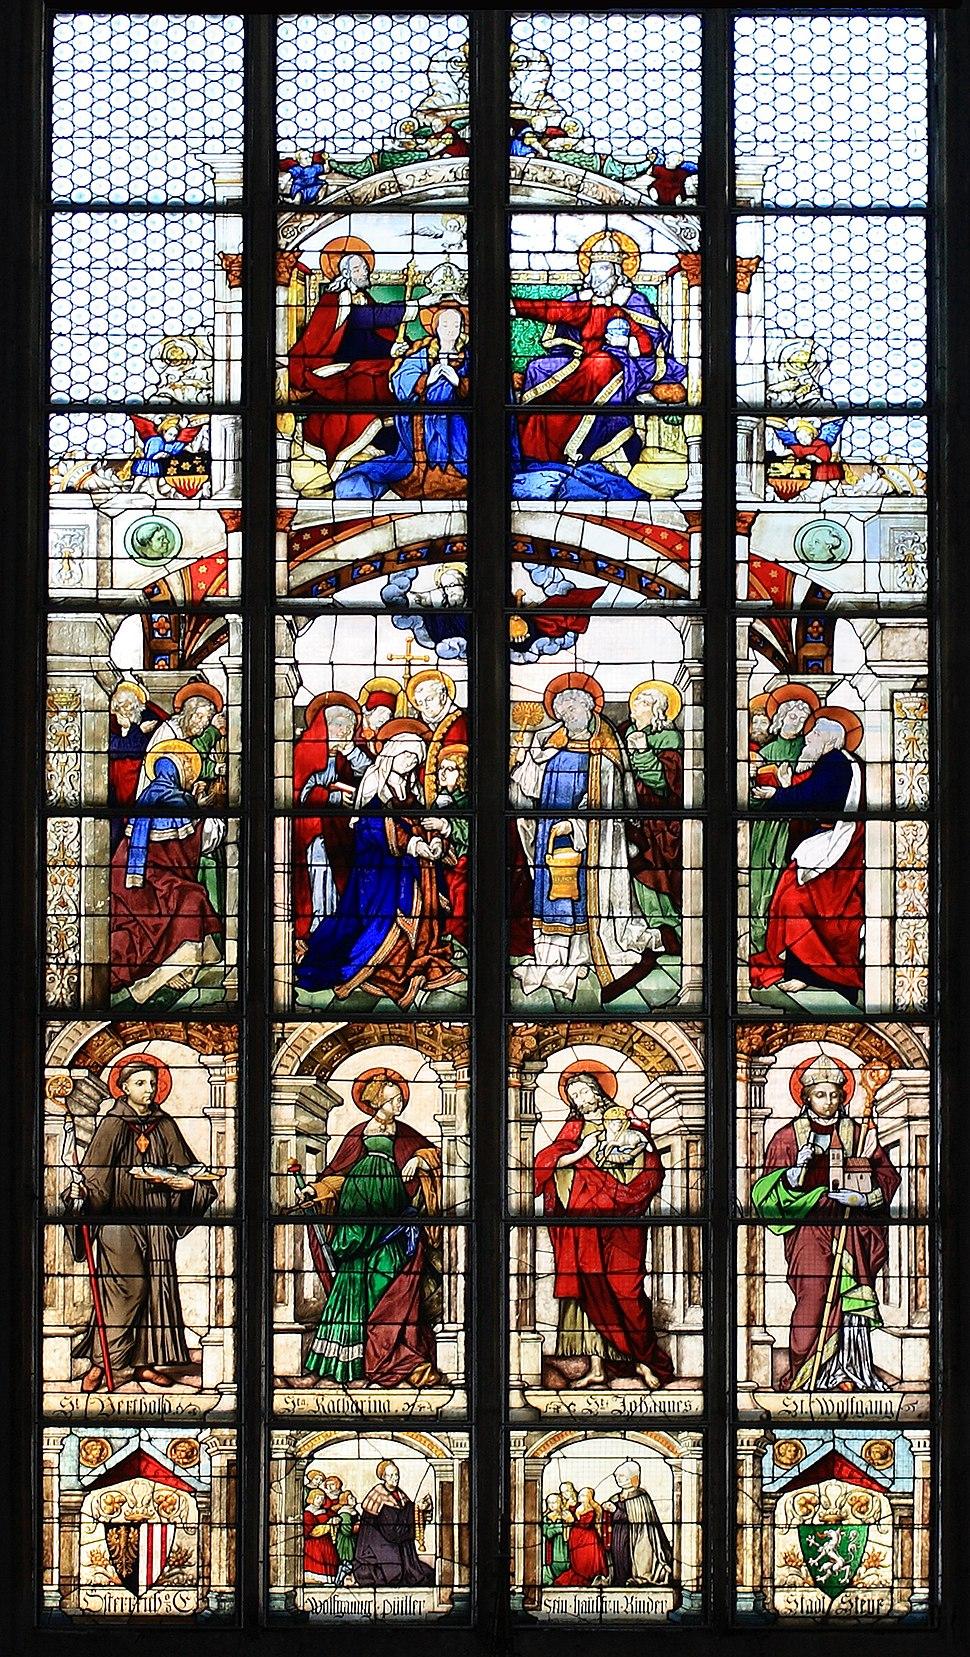 Stadtpfarrkirche Steyr - Renaissancefenster crop detail